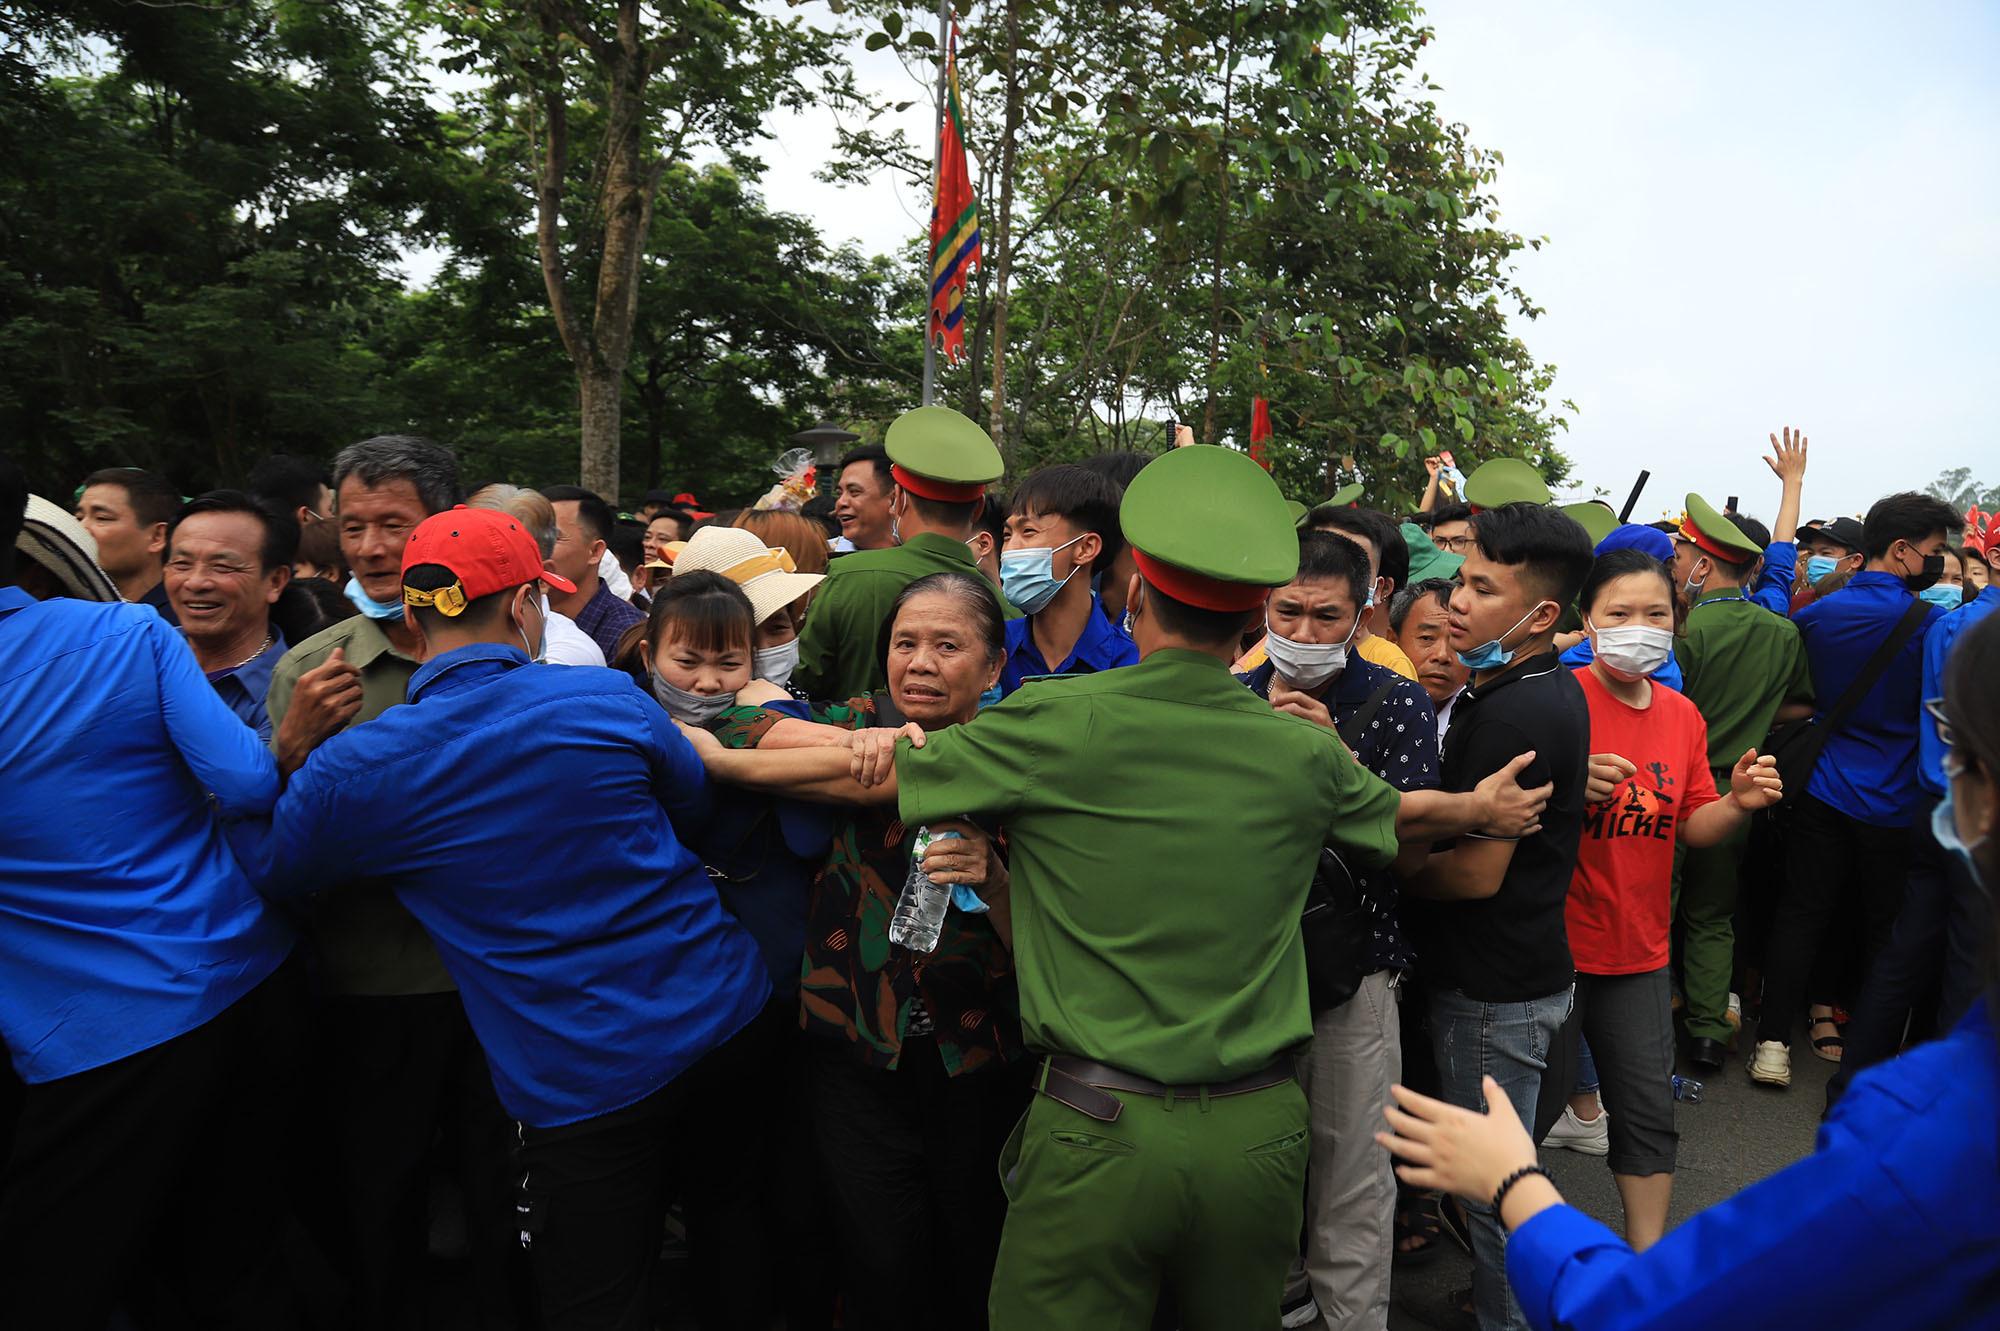 Vạn người chen nhau đội nắng ở lễ hội Đền Hùng